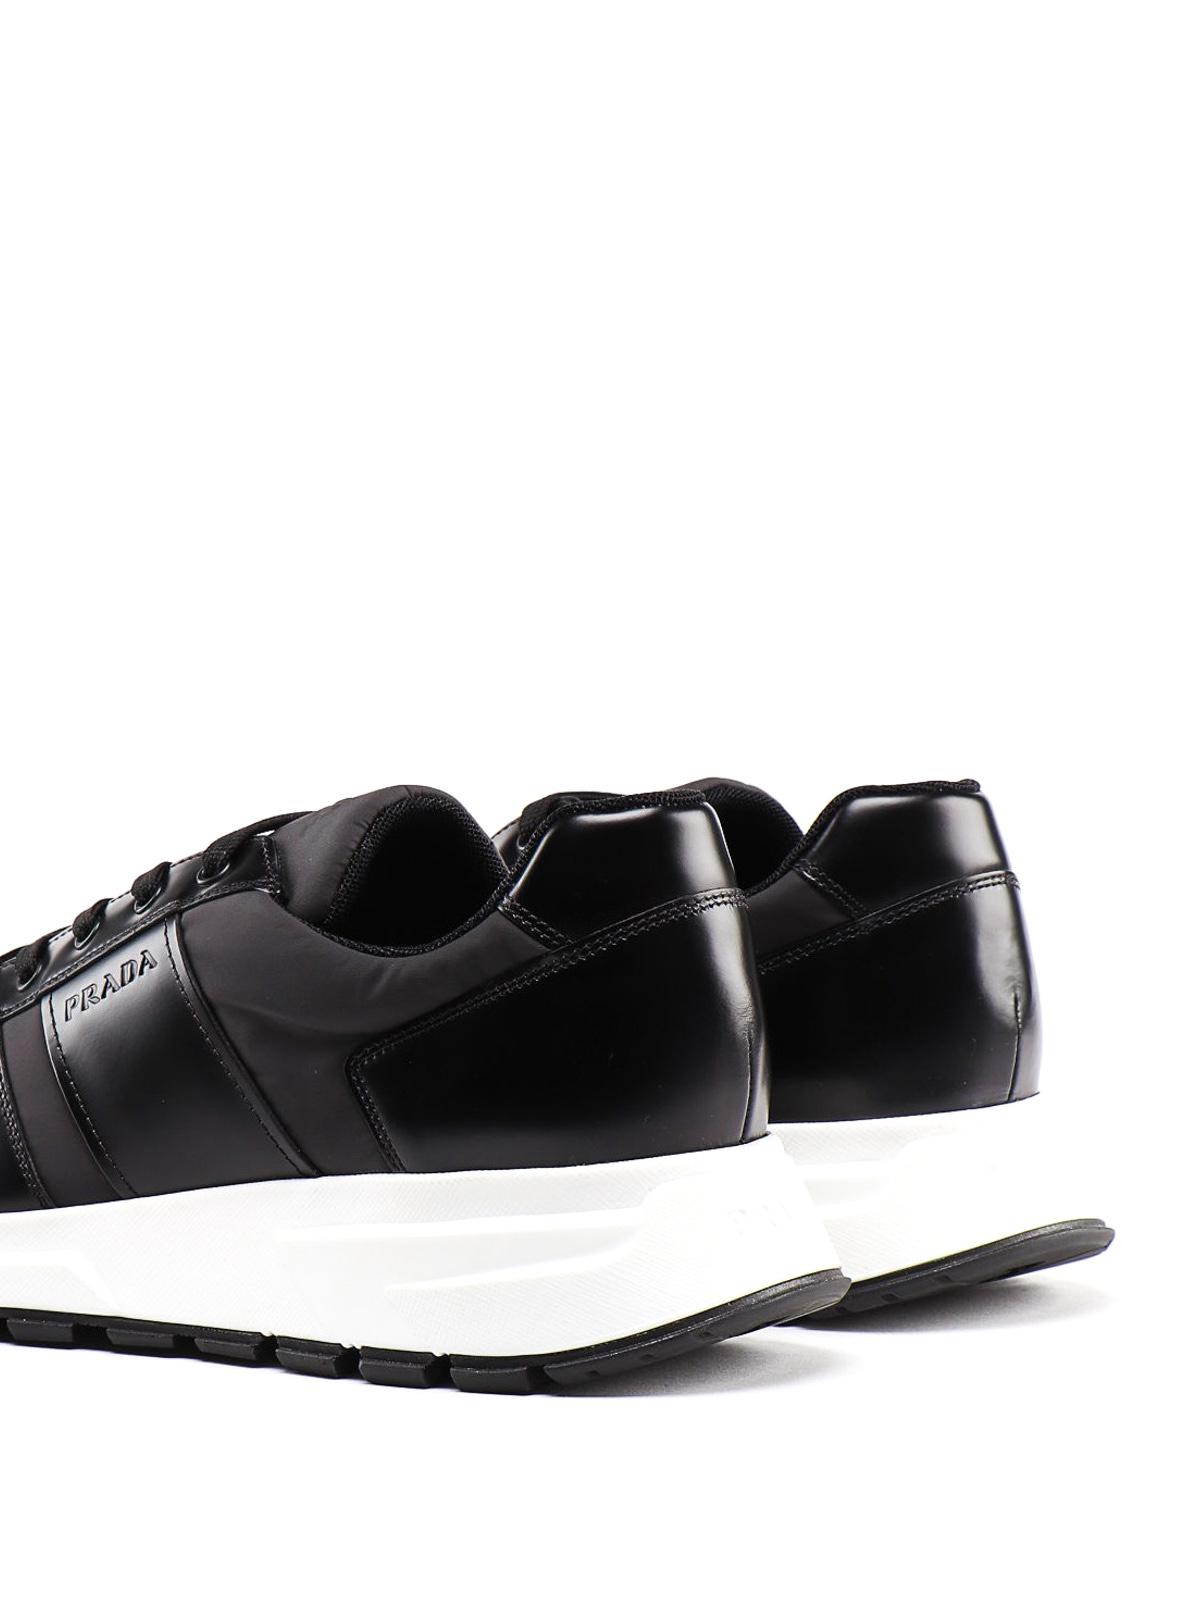 Prada - Prax 01 black sneakers